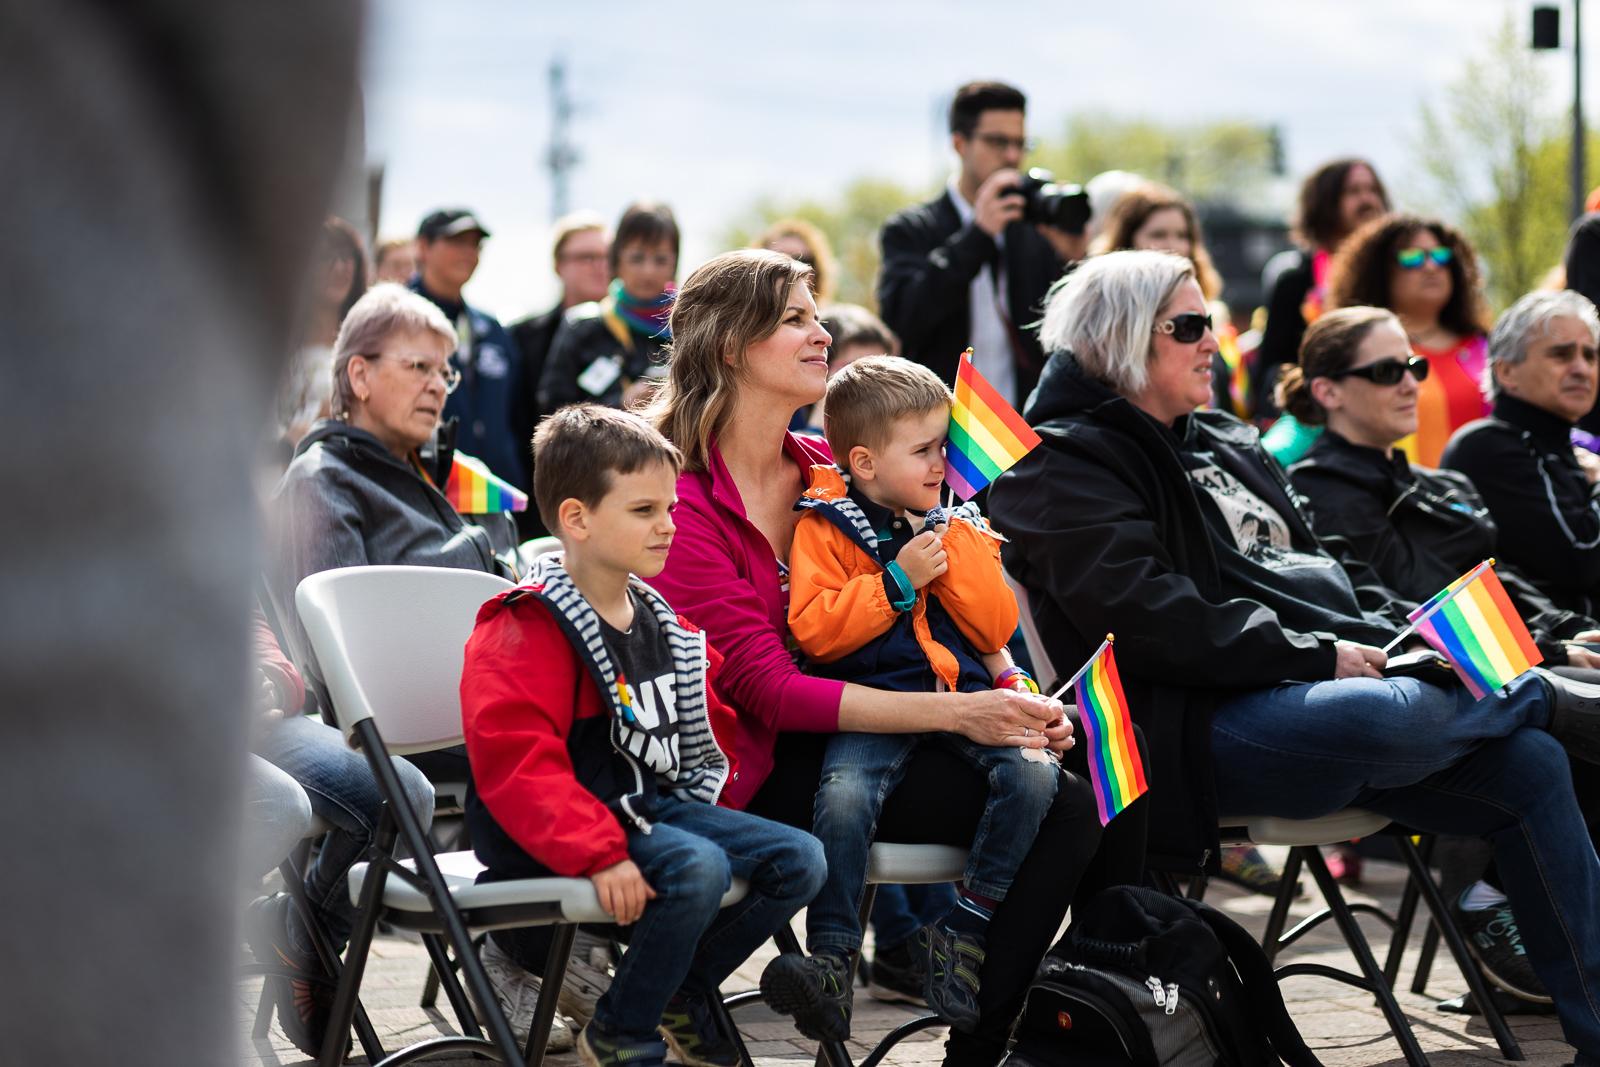 pride-2019-opening-ceremonies-blog-6.jpg